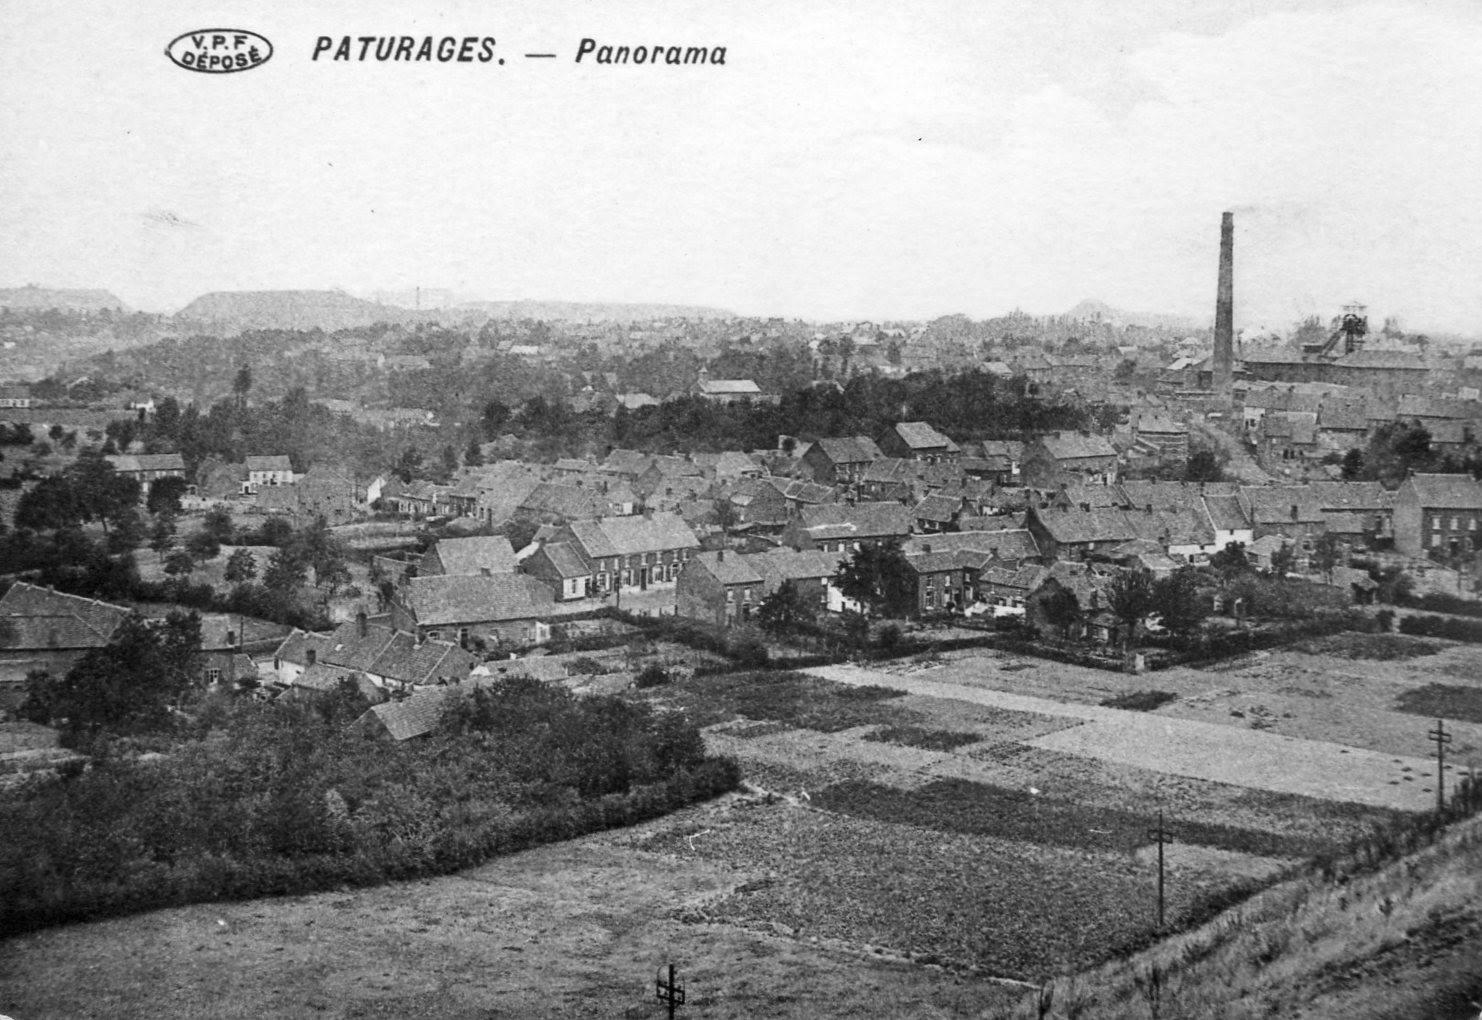 Panorama de Pâturages